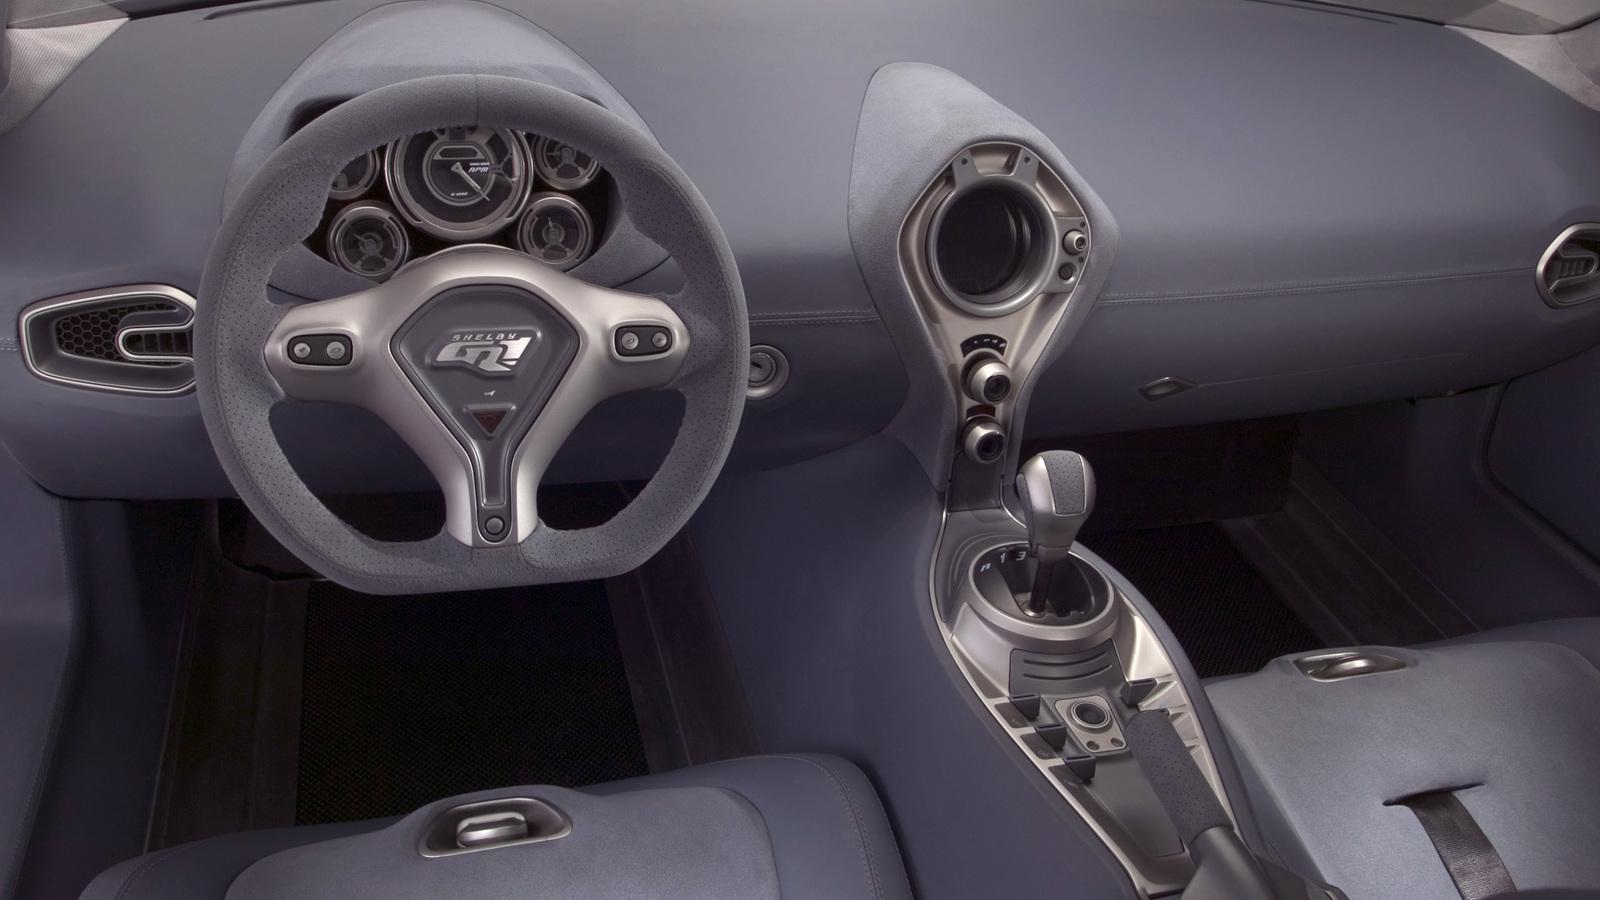 Концептуальный автомобиль Форд Shelby GR-1 пойдет впроизводство иполучит мотор V8